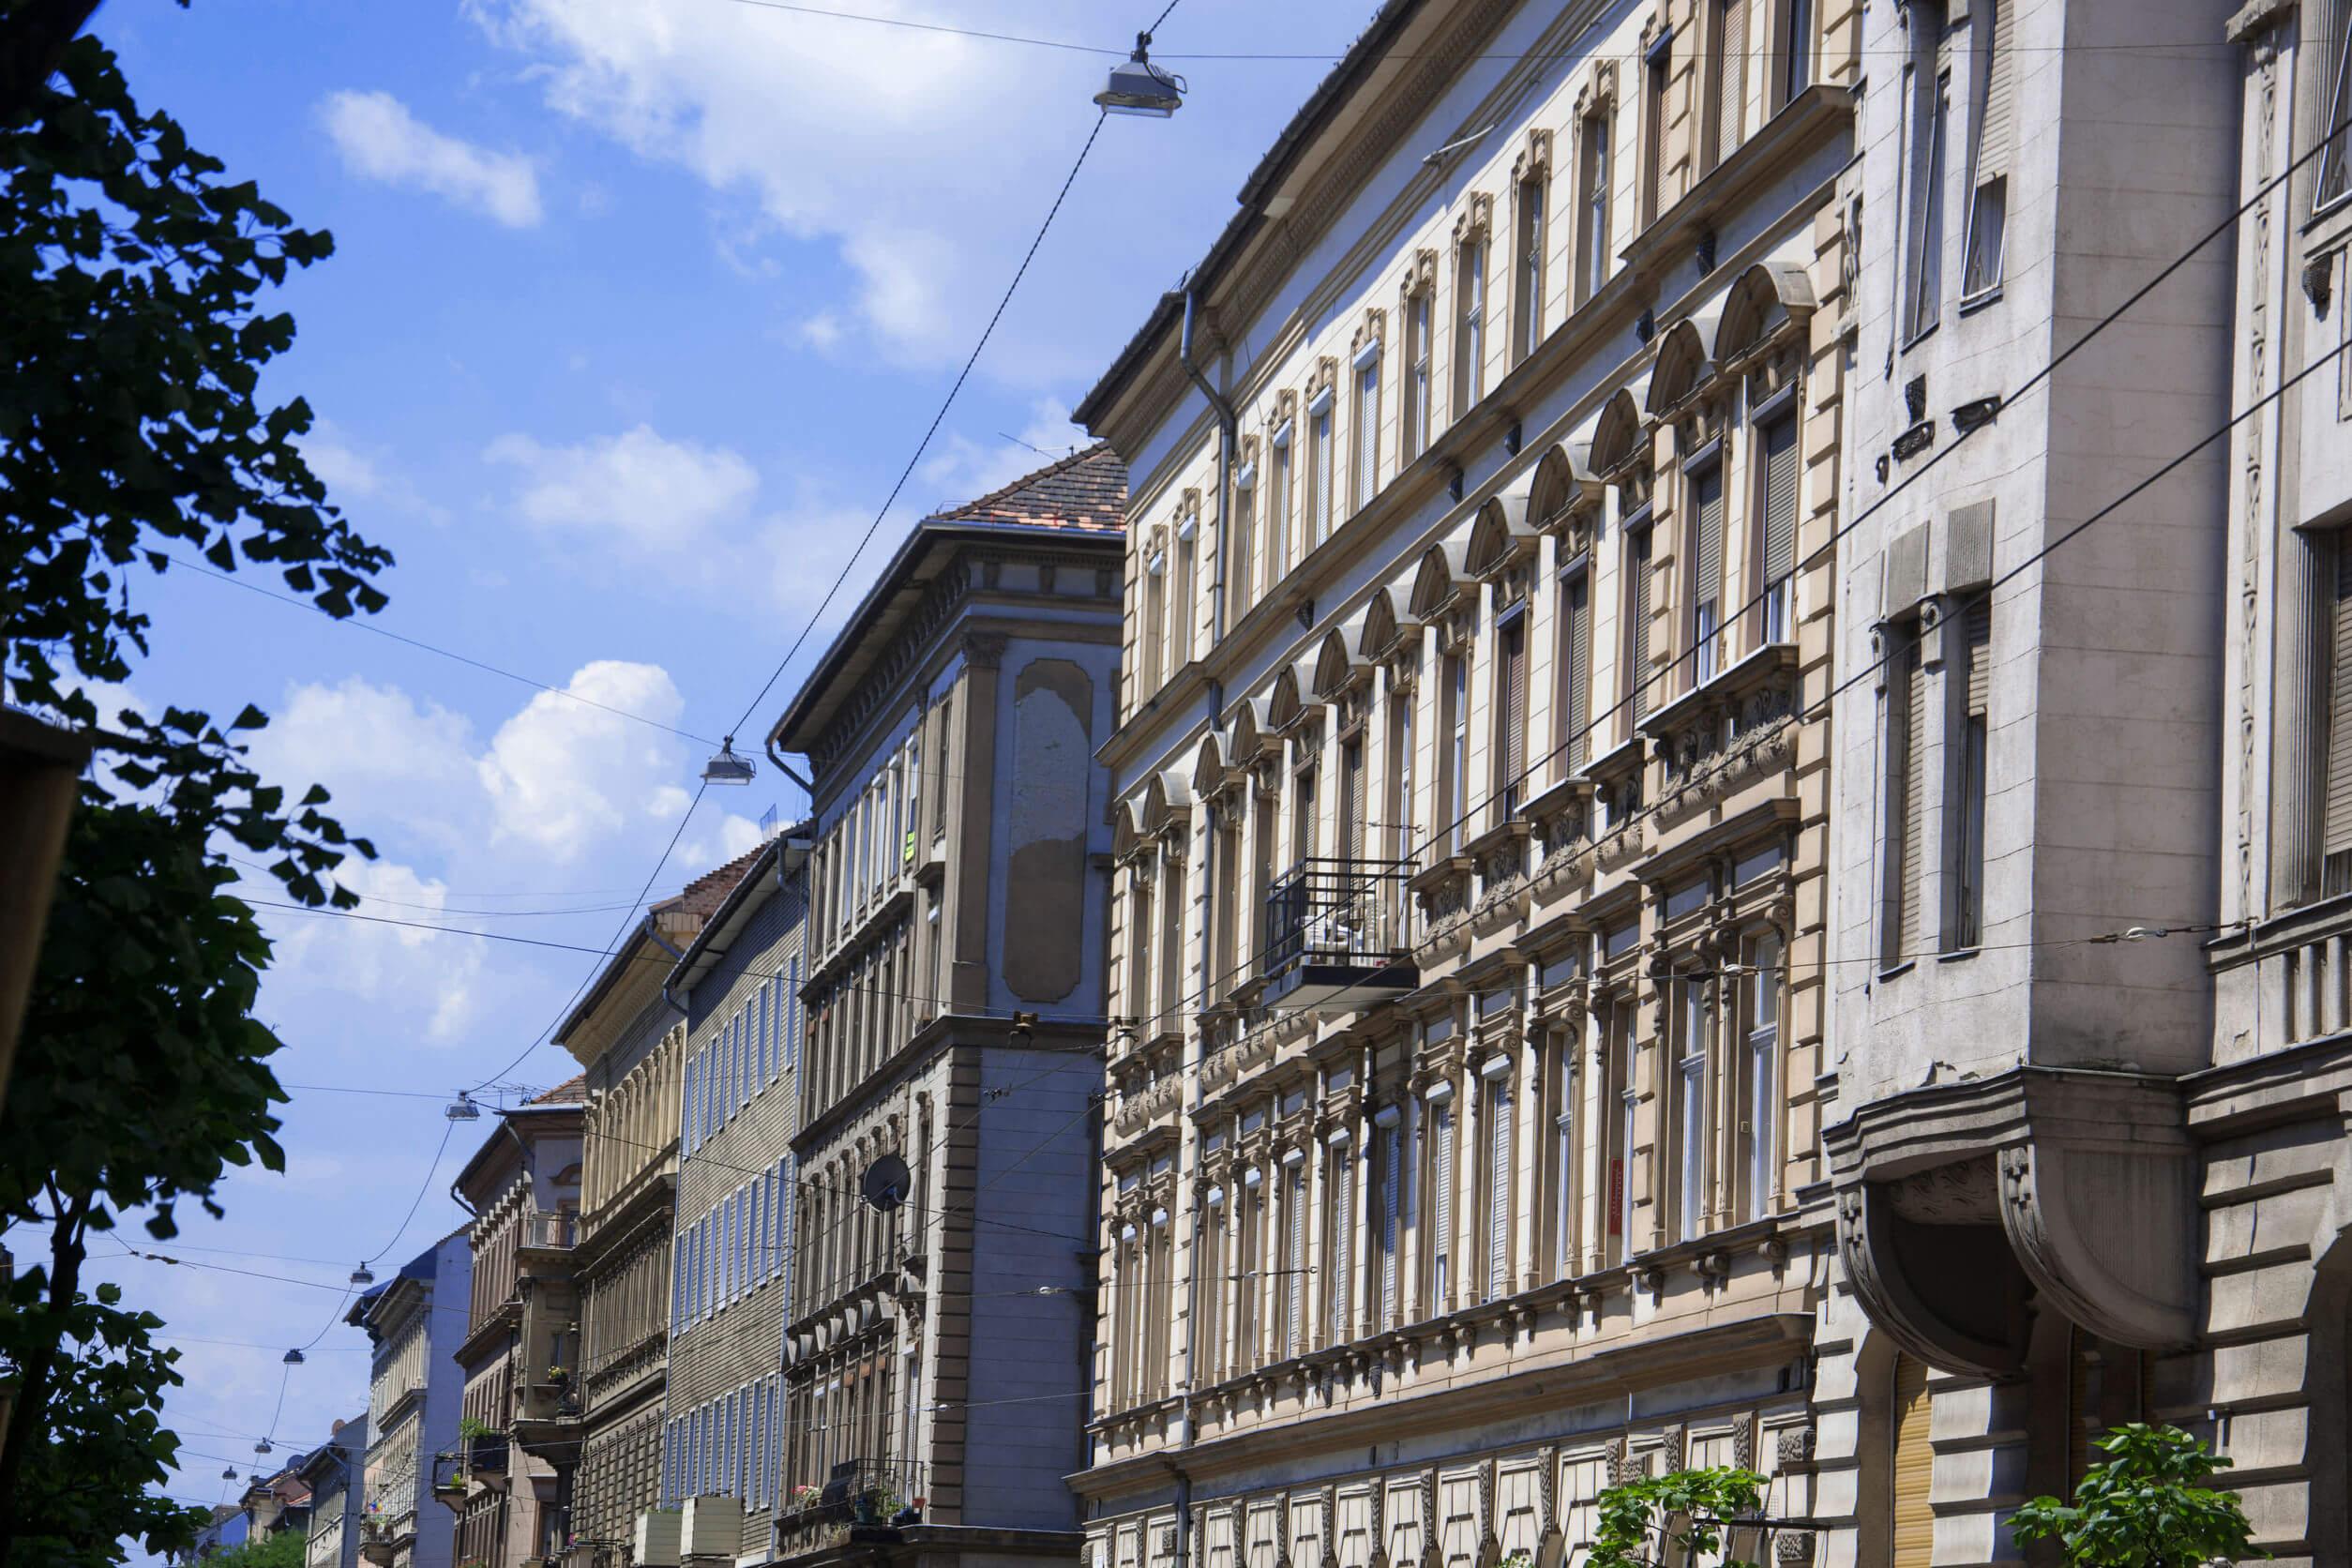 40 millió alatt is vannak szép lakások Ferencvárosban